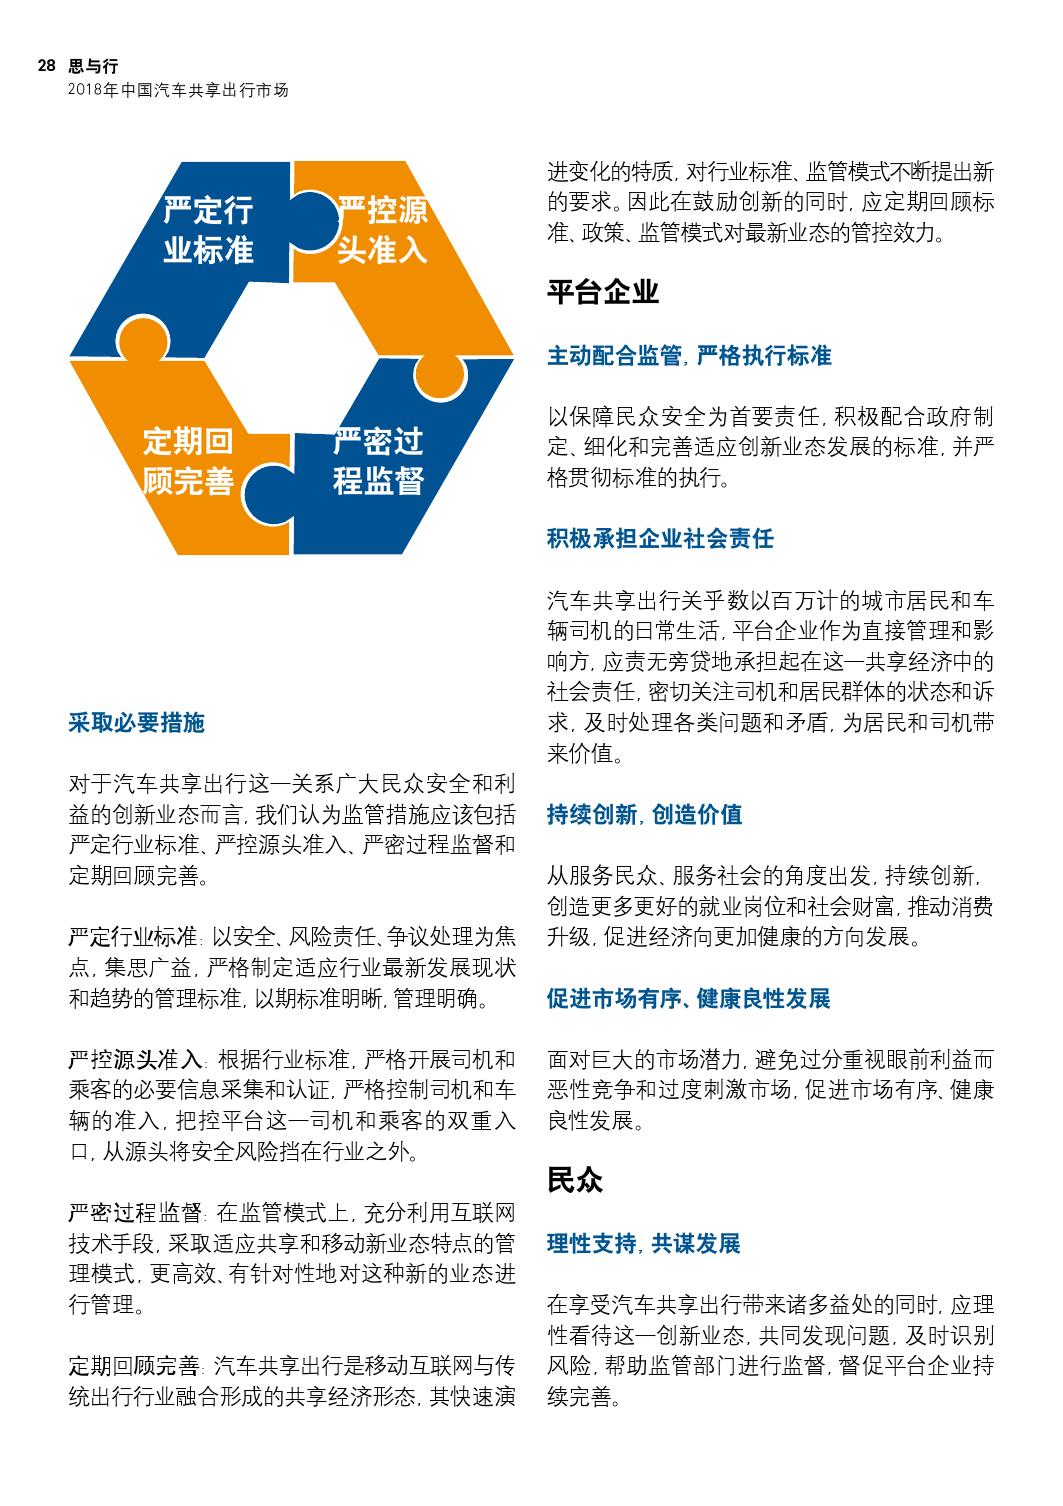 2018年中国汽车共享出行市场分析预测报告_000028